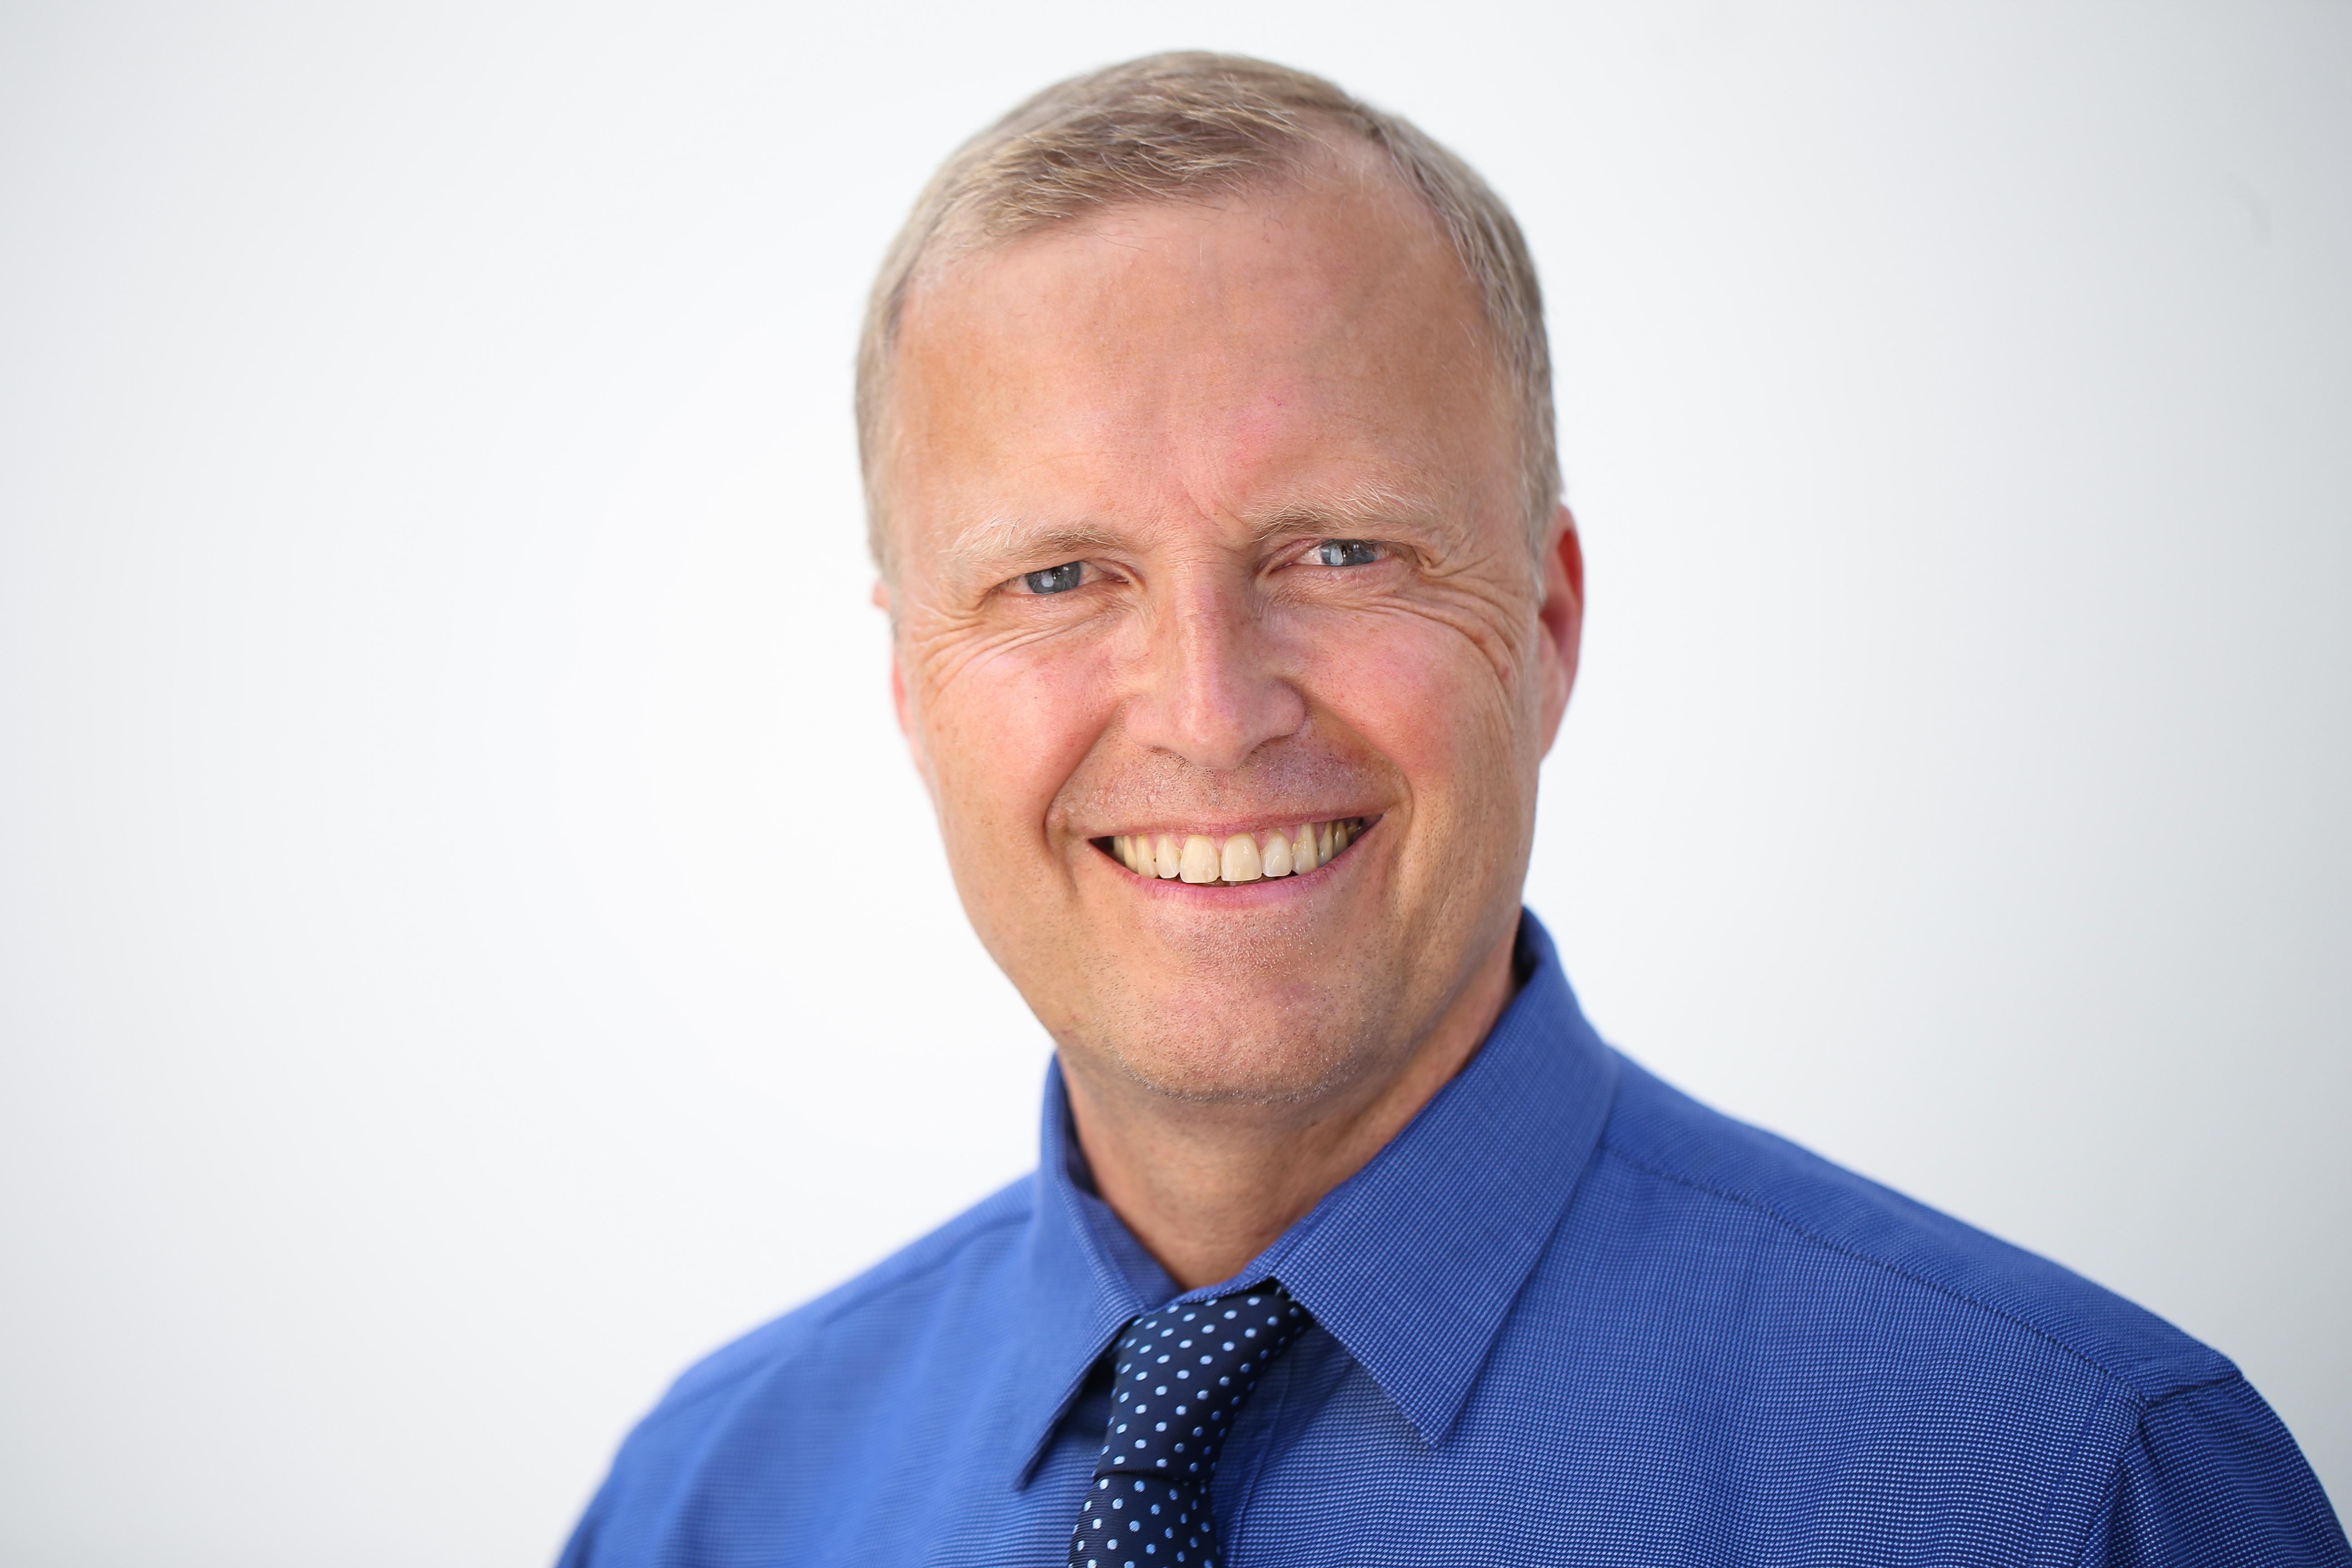 Klaus Winkels picture